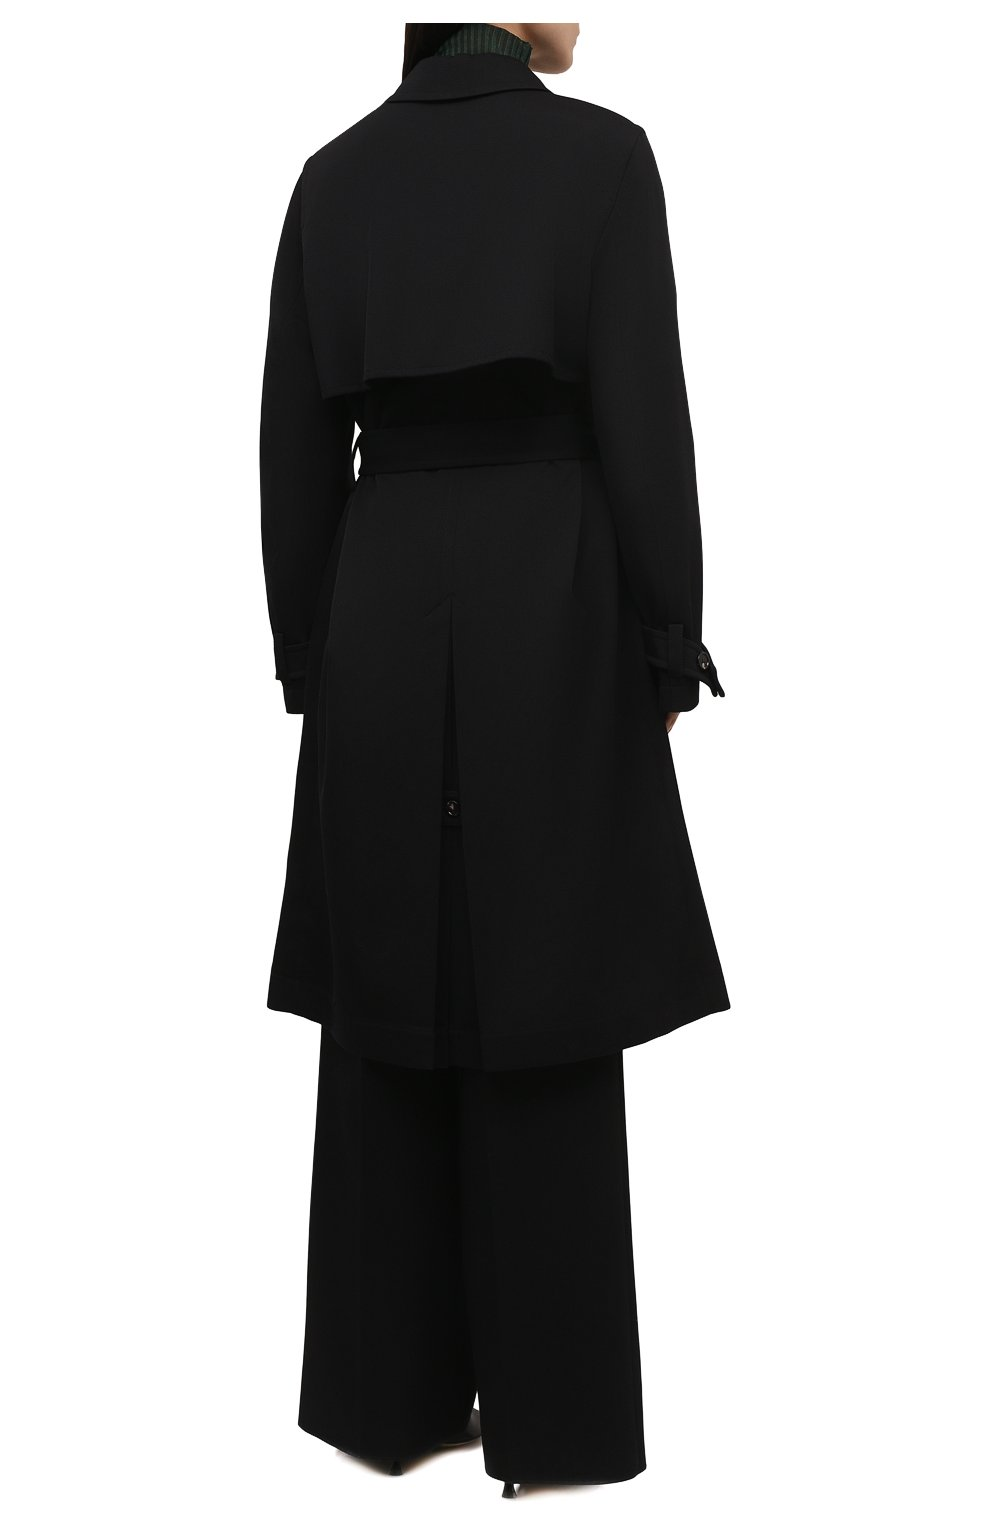 Женский шерстяной тренч BOTTEGA VENETA черного цвета, арт. 666052/V0B20 | Фото 4 (Материал внешний: Шерсть; Рукава: Длинные; Длина (верхняя одежда): Длинные; Материал подклада: Хлопок; Стили: Кэжуэл)